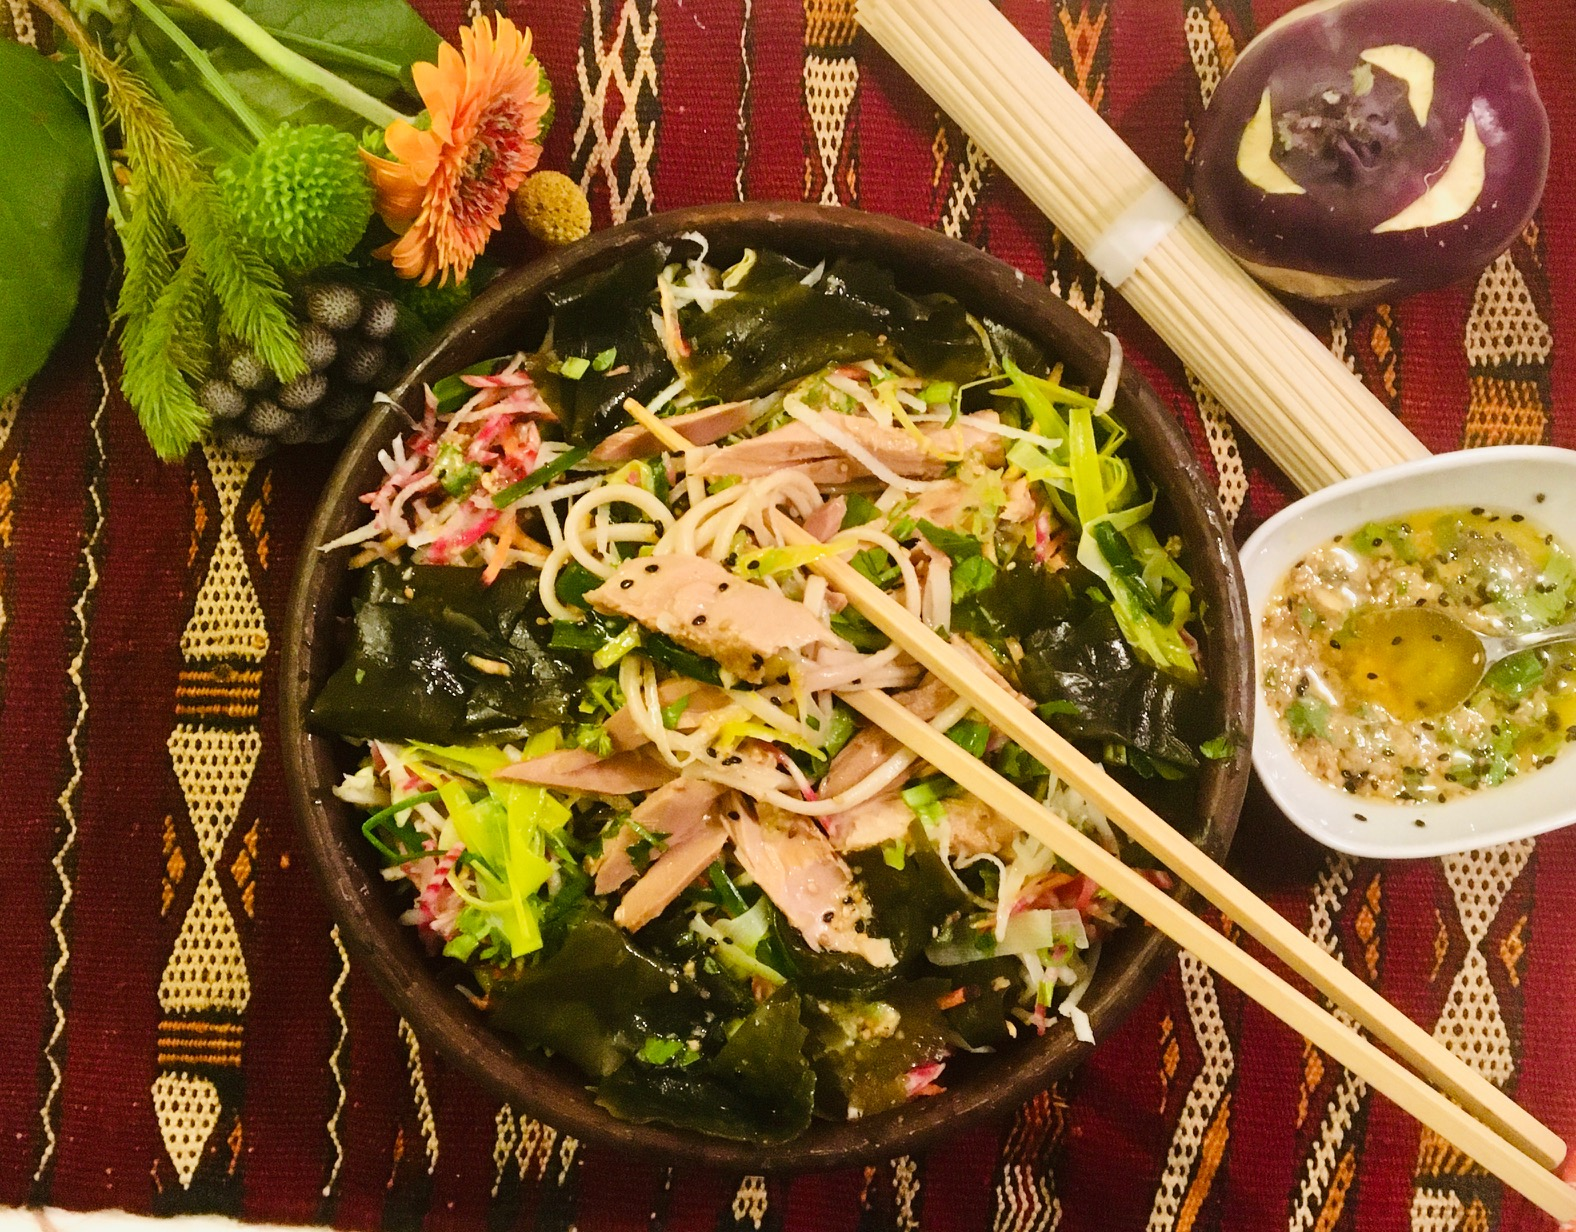 Salade de nouilles au thon, algues et légumes du jour, vinaigrette au miso et au gingembre